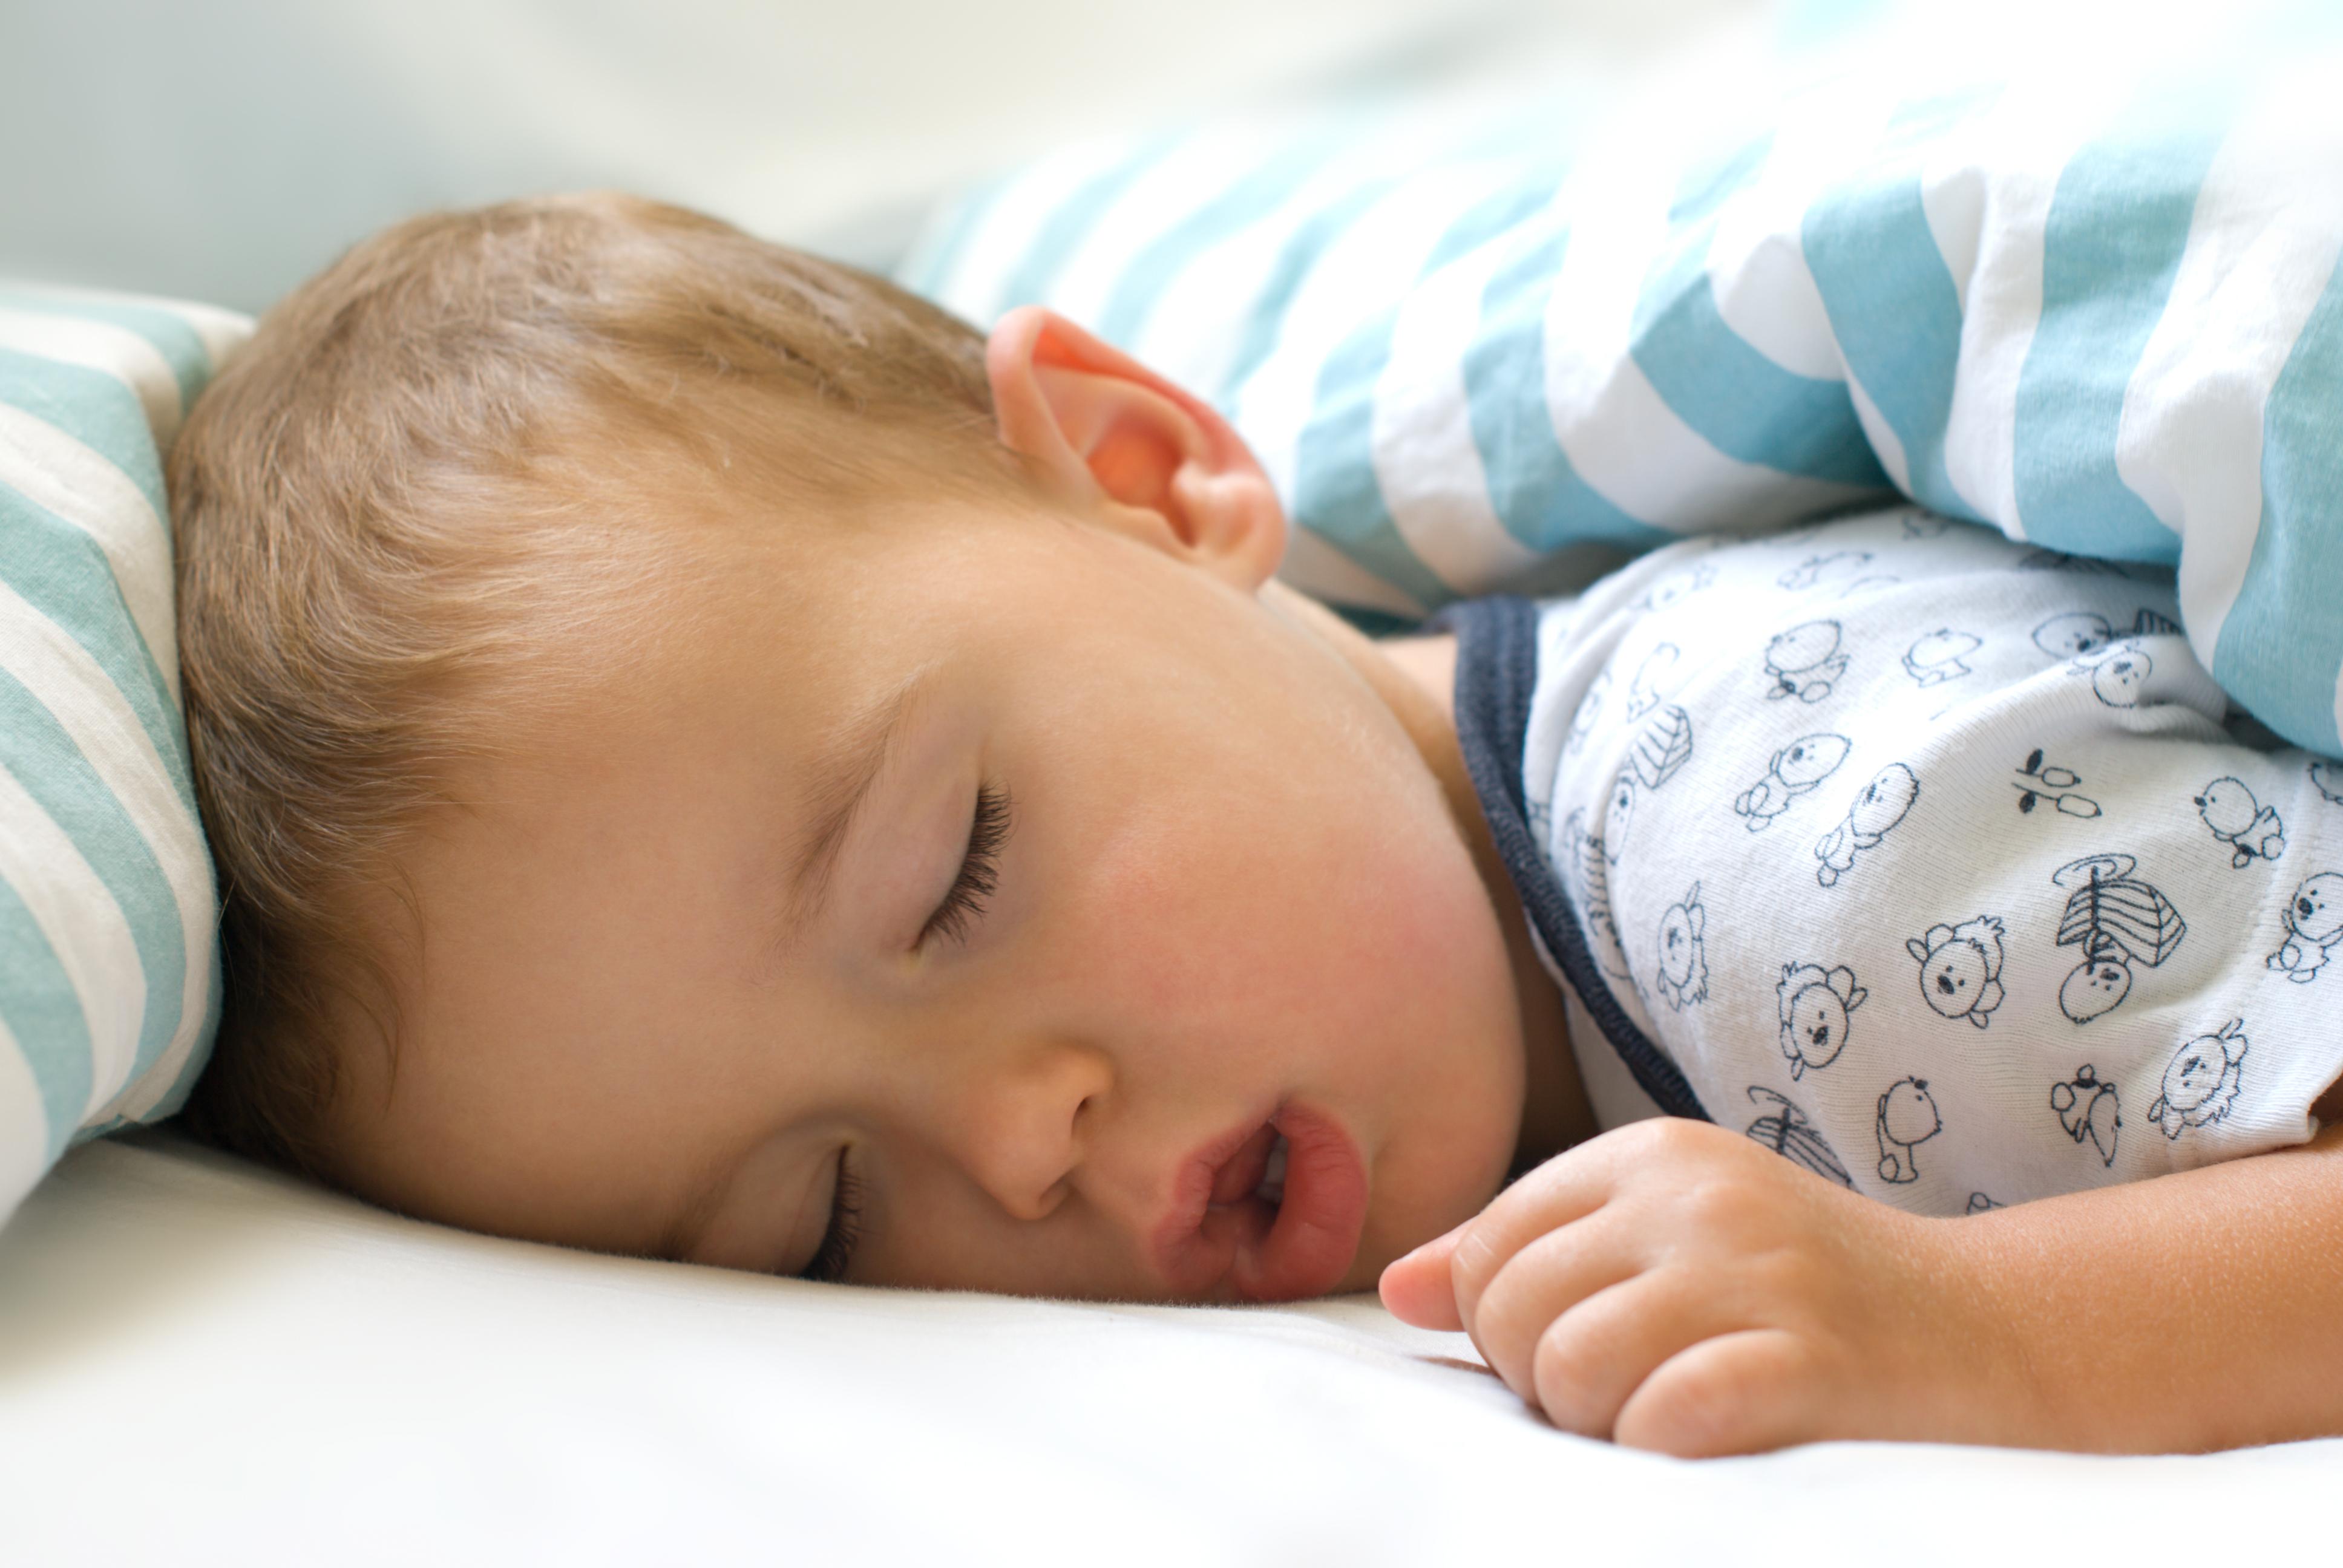 Веществ и нормализующих деятельность нервной системы (детский невропатолог).